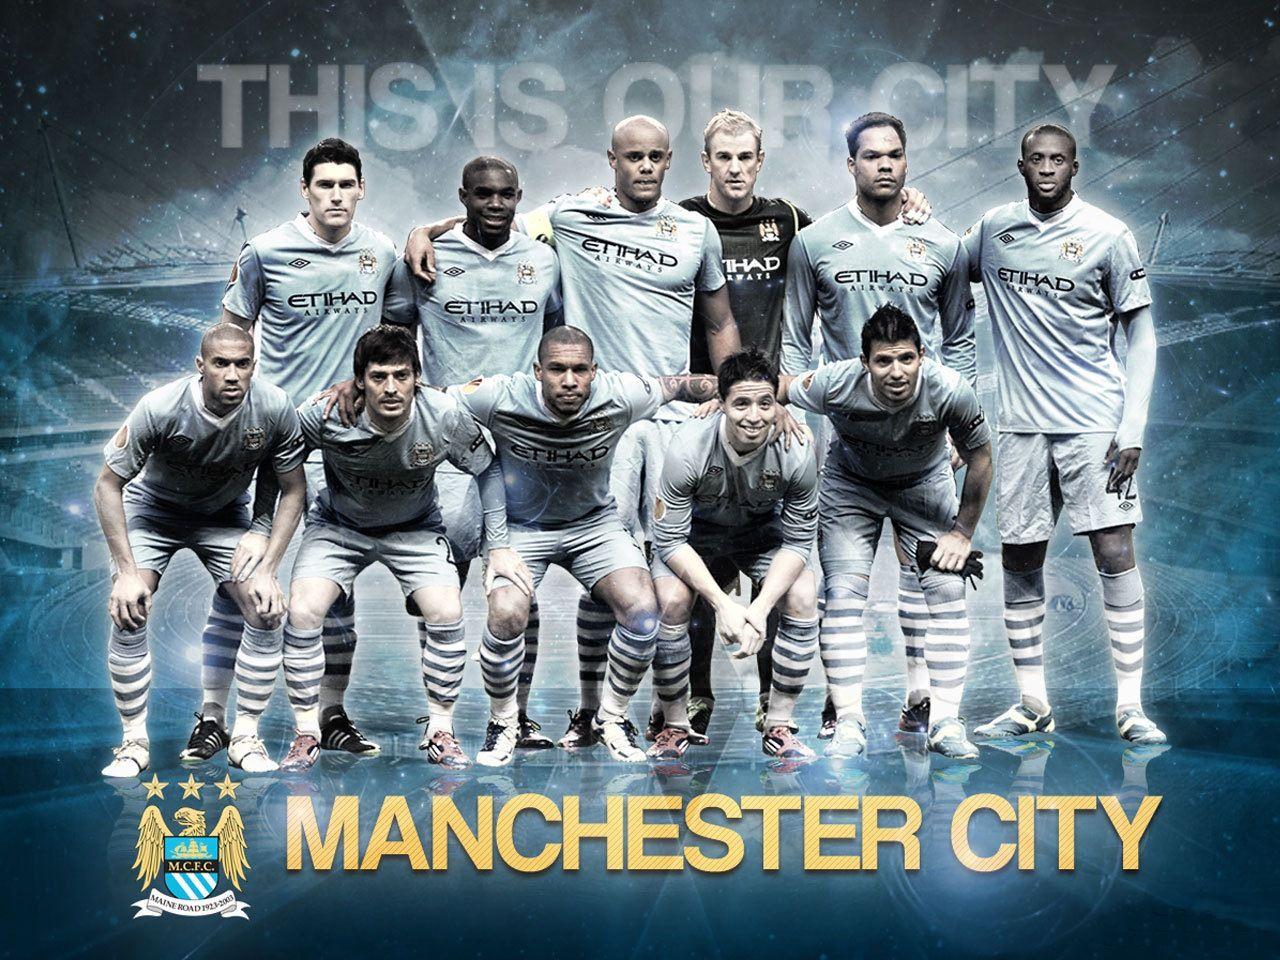 Manchester City Football Wallpaper | Manchester city wallpaper, Manchester  city, Manchester city logo